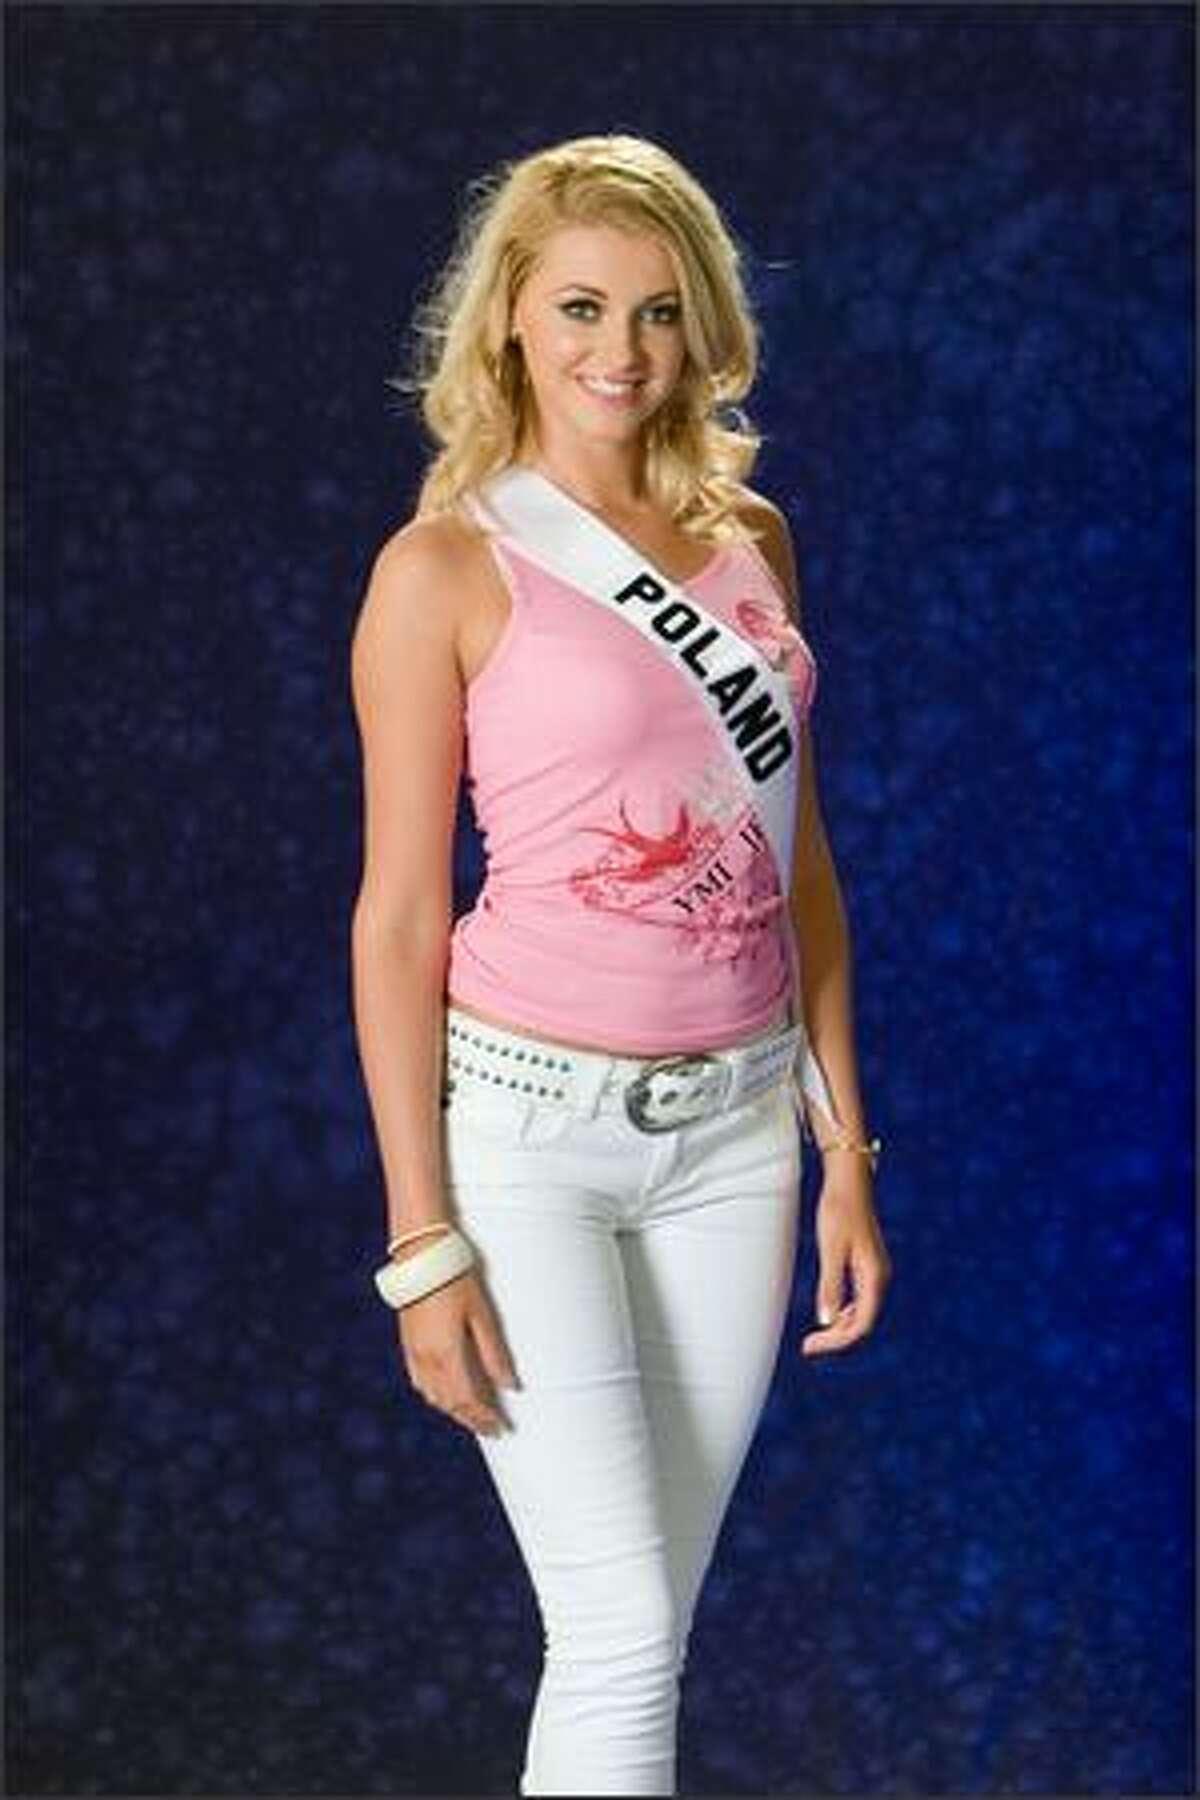 Dorota Gawron, Miss Poland 2007.